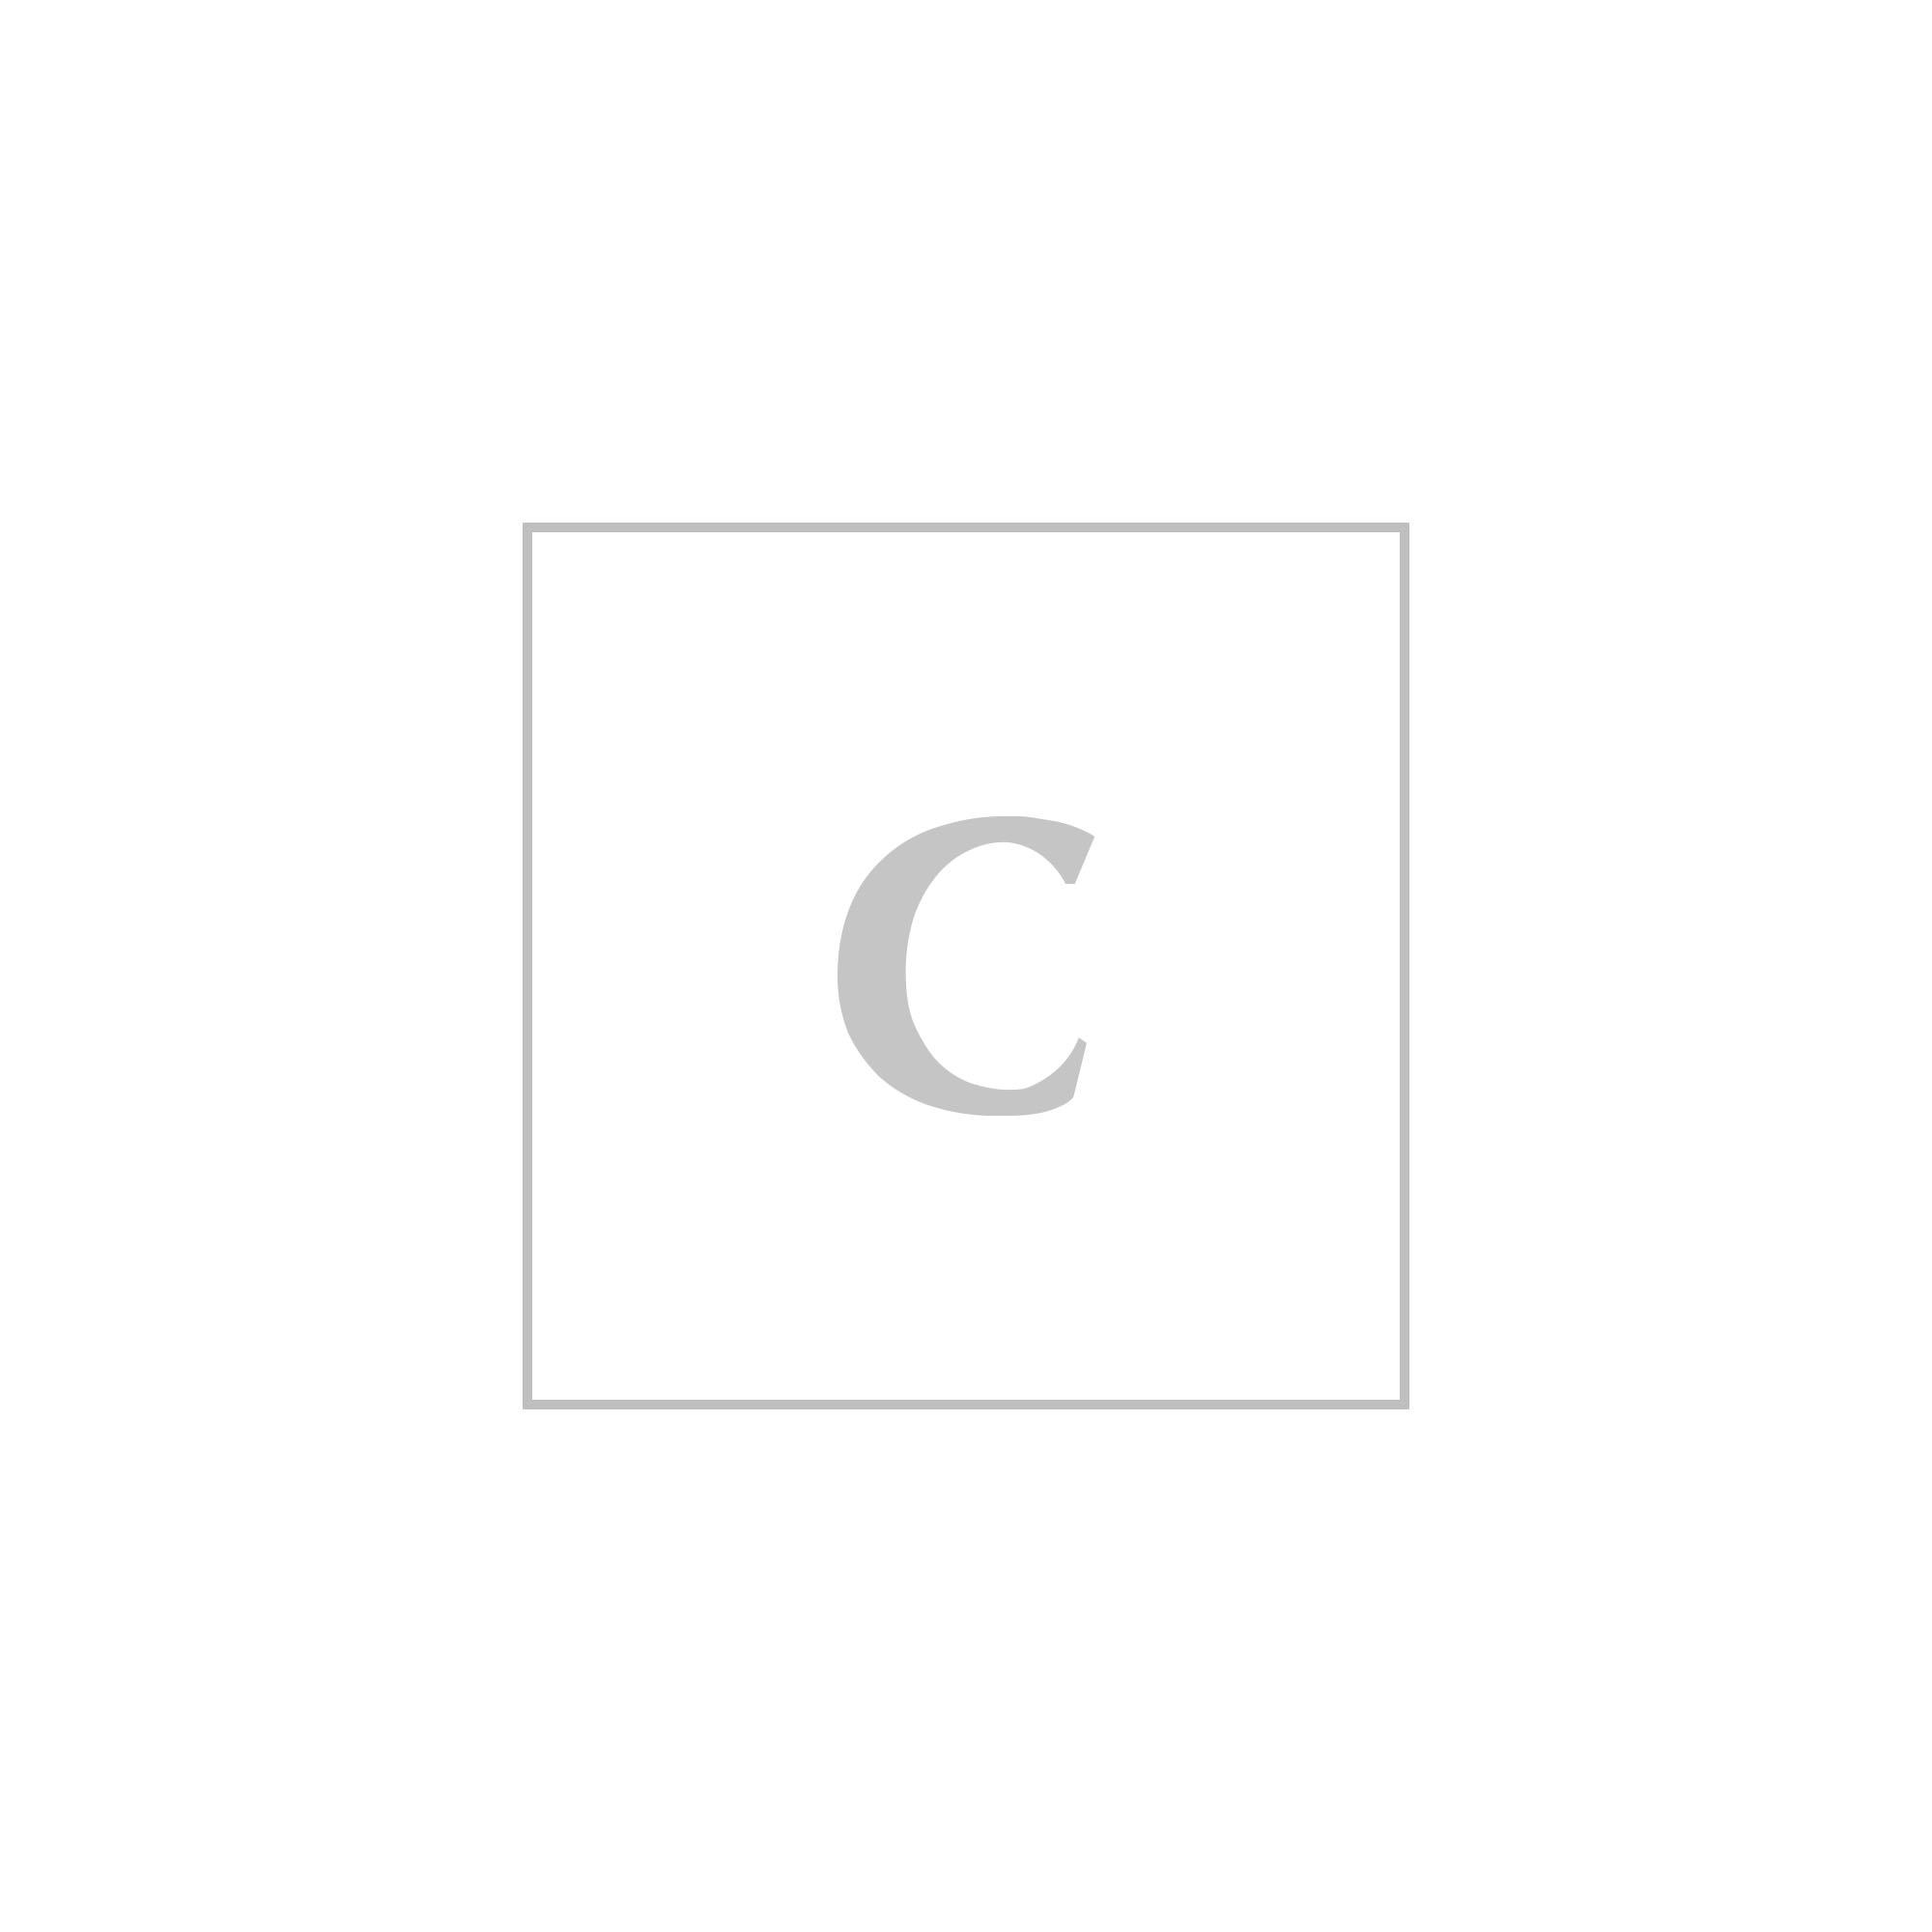 Carhartt logo t-shirt